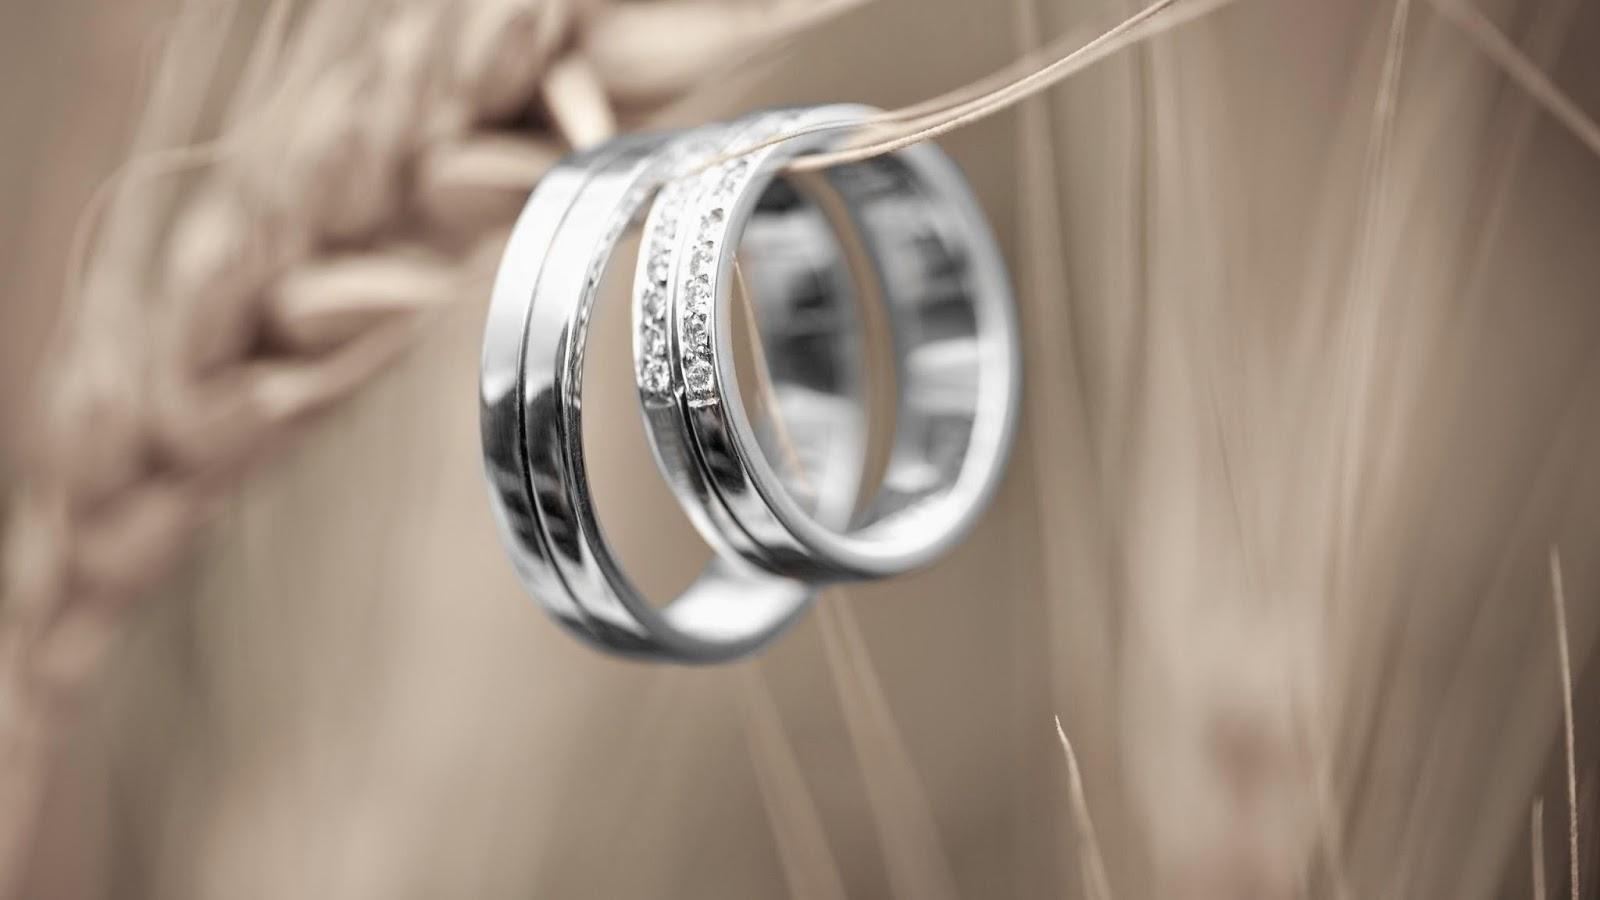 Ik ben verloofd! Hoe beginnen met het plannen van de bruiloft?